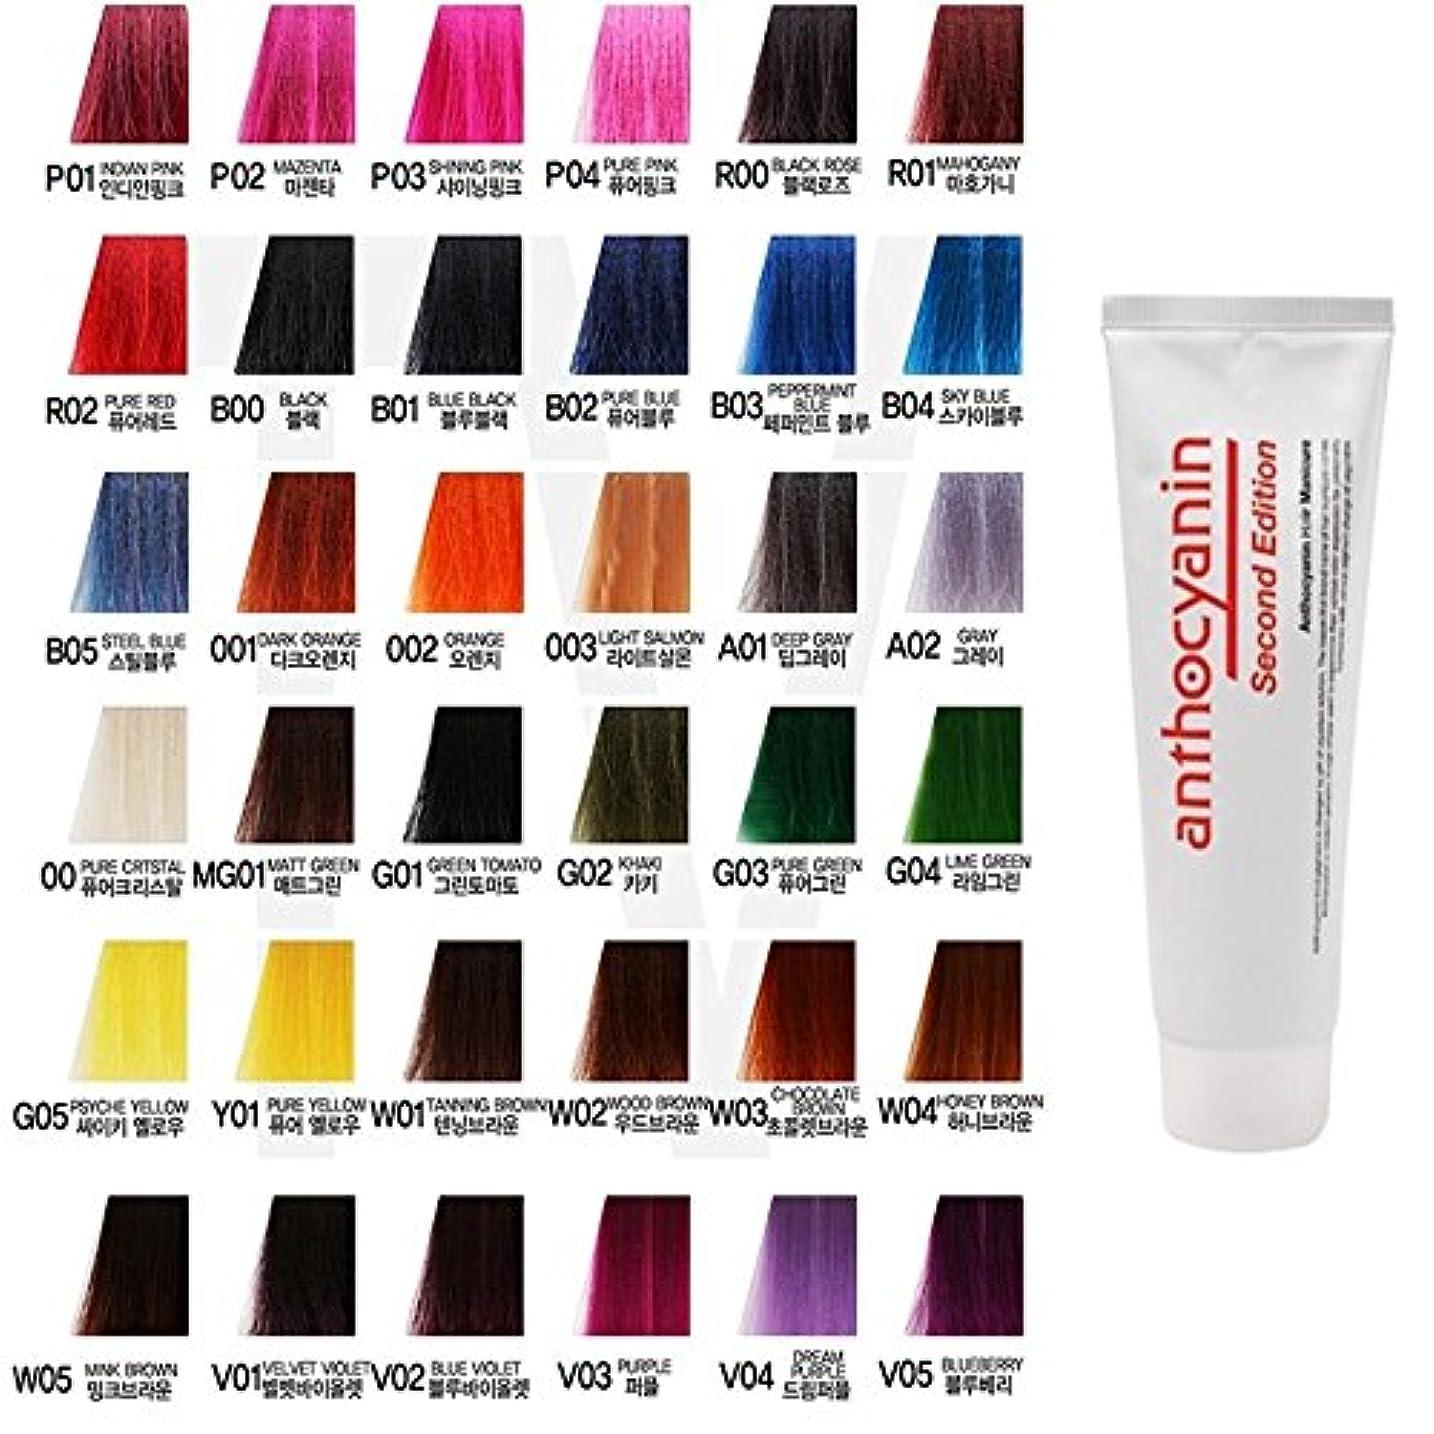 再生的インテリアアンタゴニストヘア マニキュア カラー セカンド エディション 230g セミ パーマネント 染毛剤 ( Hair Manicure Color Second Edition 230g Semi Permanent Hair Dye)...